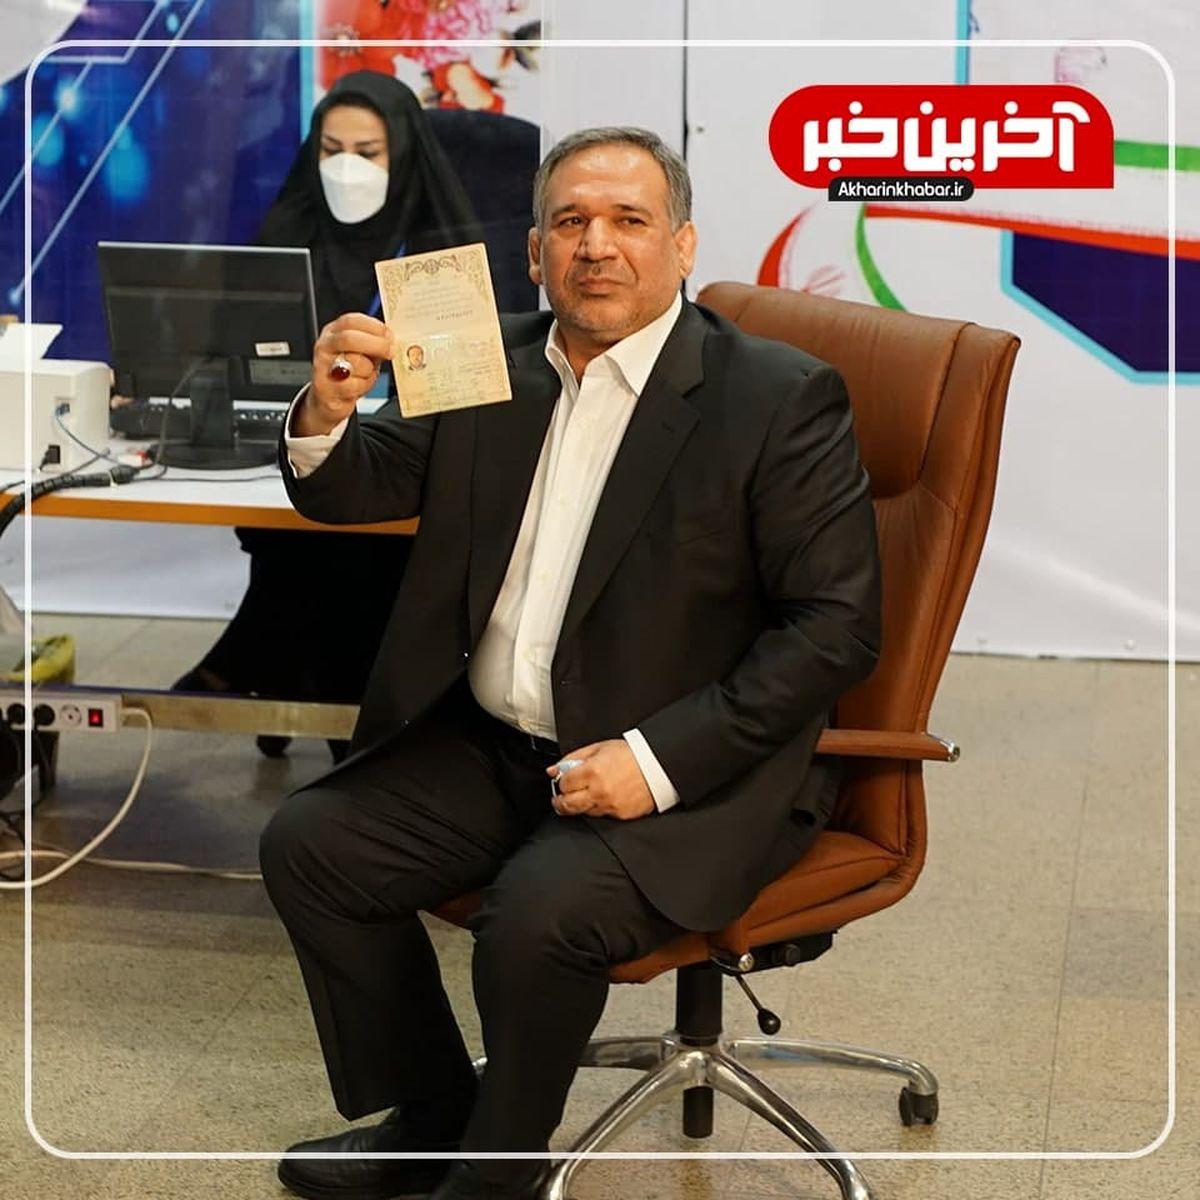 وزیر احمدینژاد: مصمم هستم در عرصه انتخابات باقی بمانم